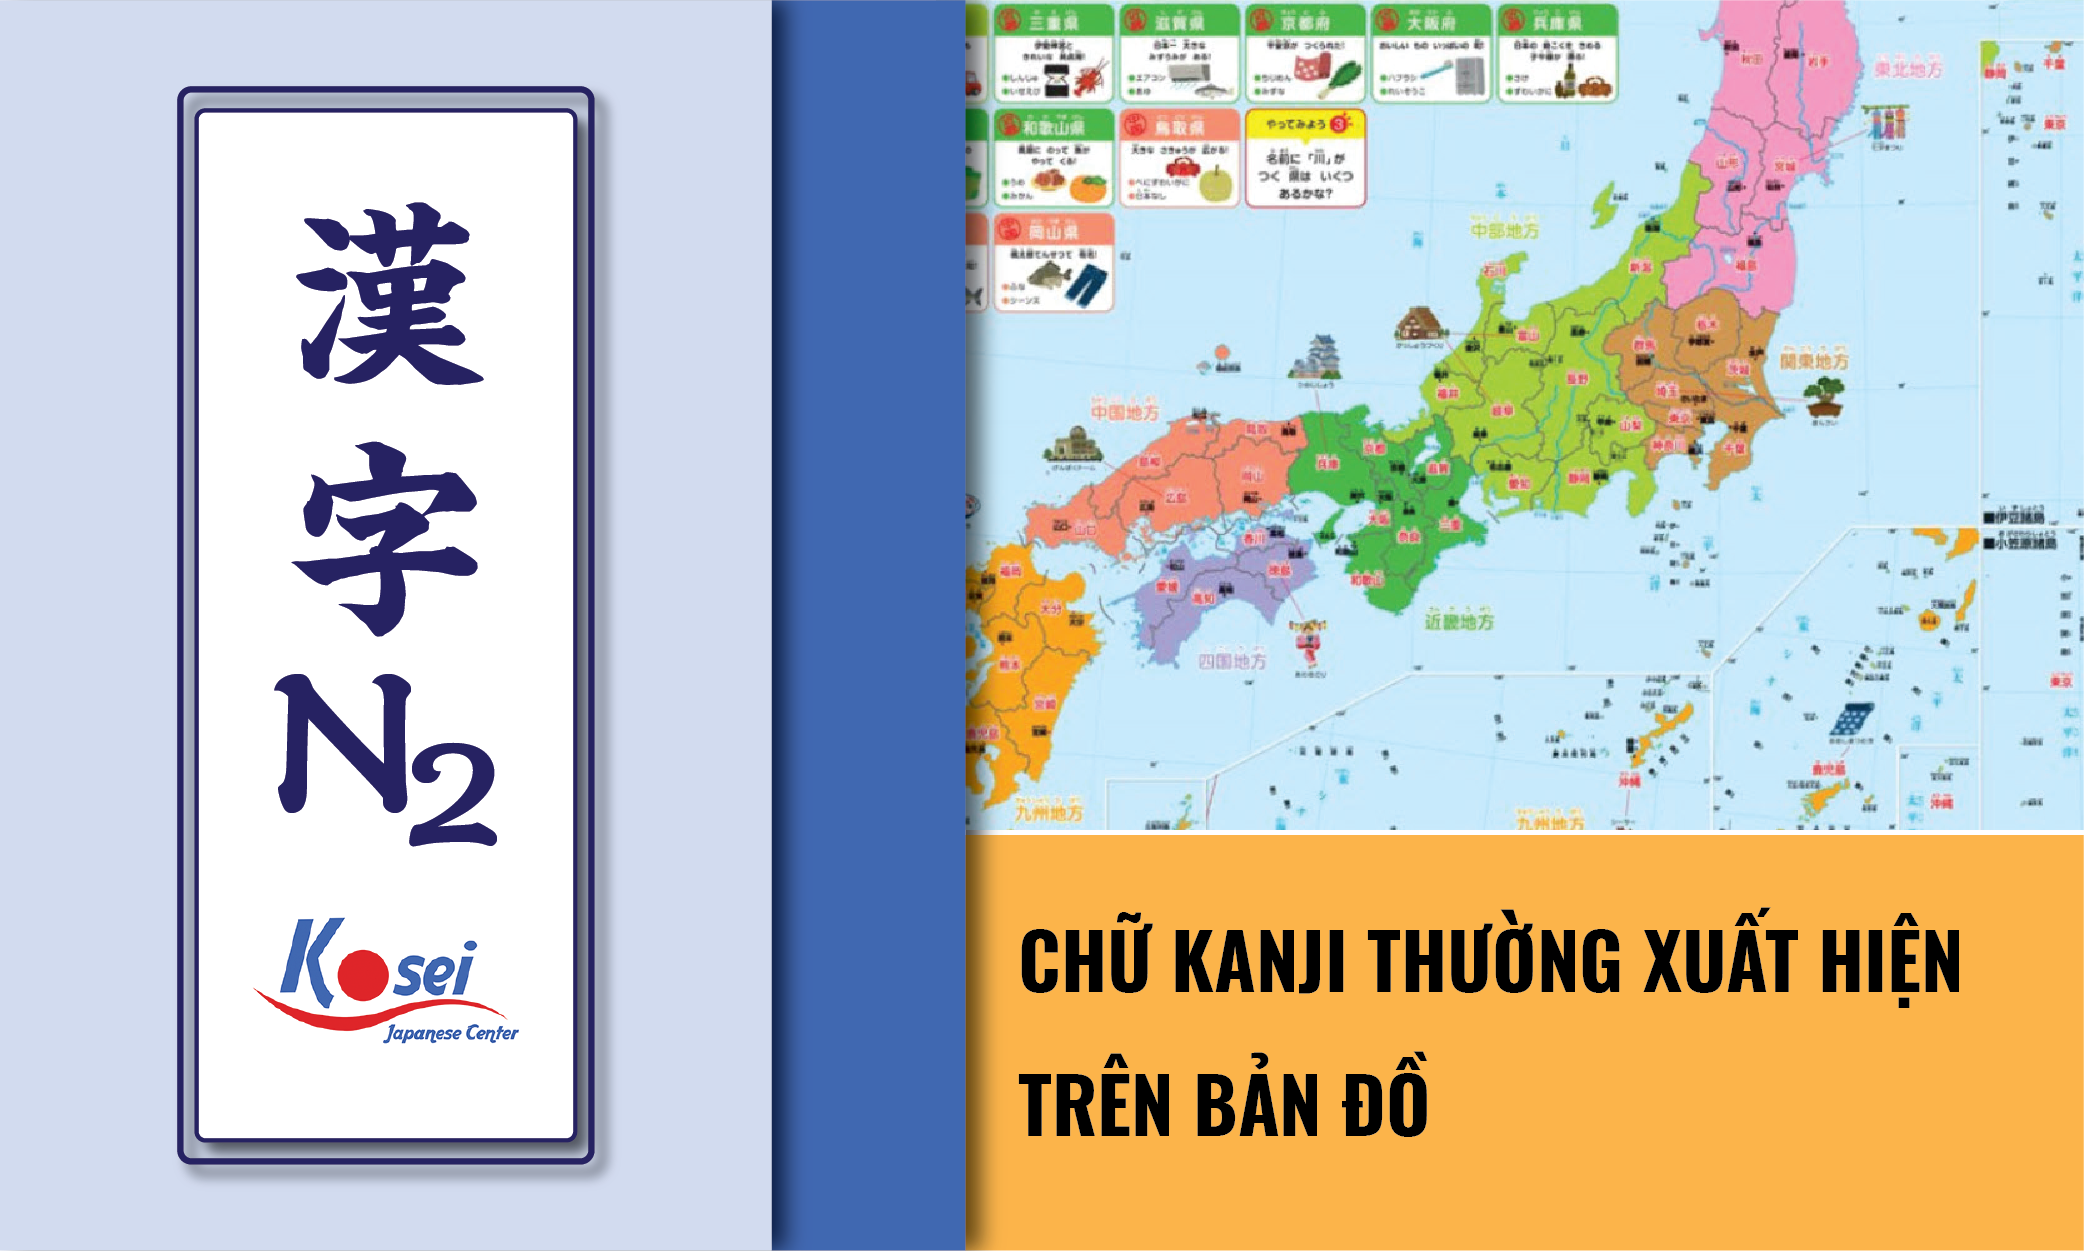 (Tổng hợp) Kanji N2: Các Kanji trên bản đồ